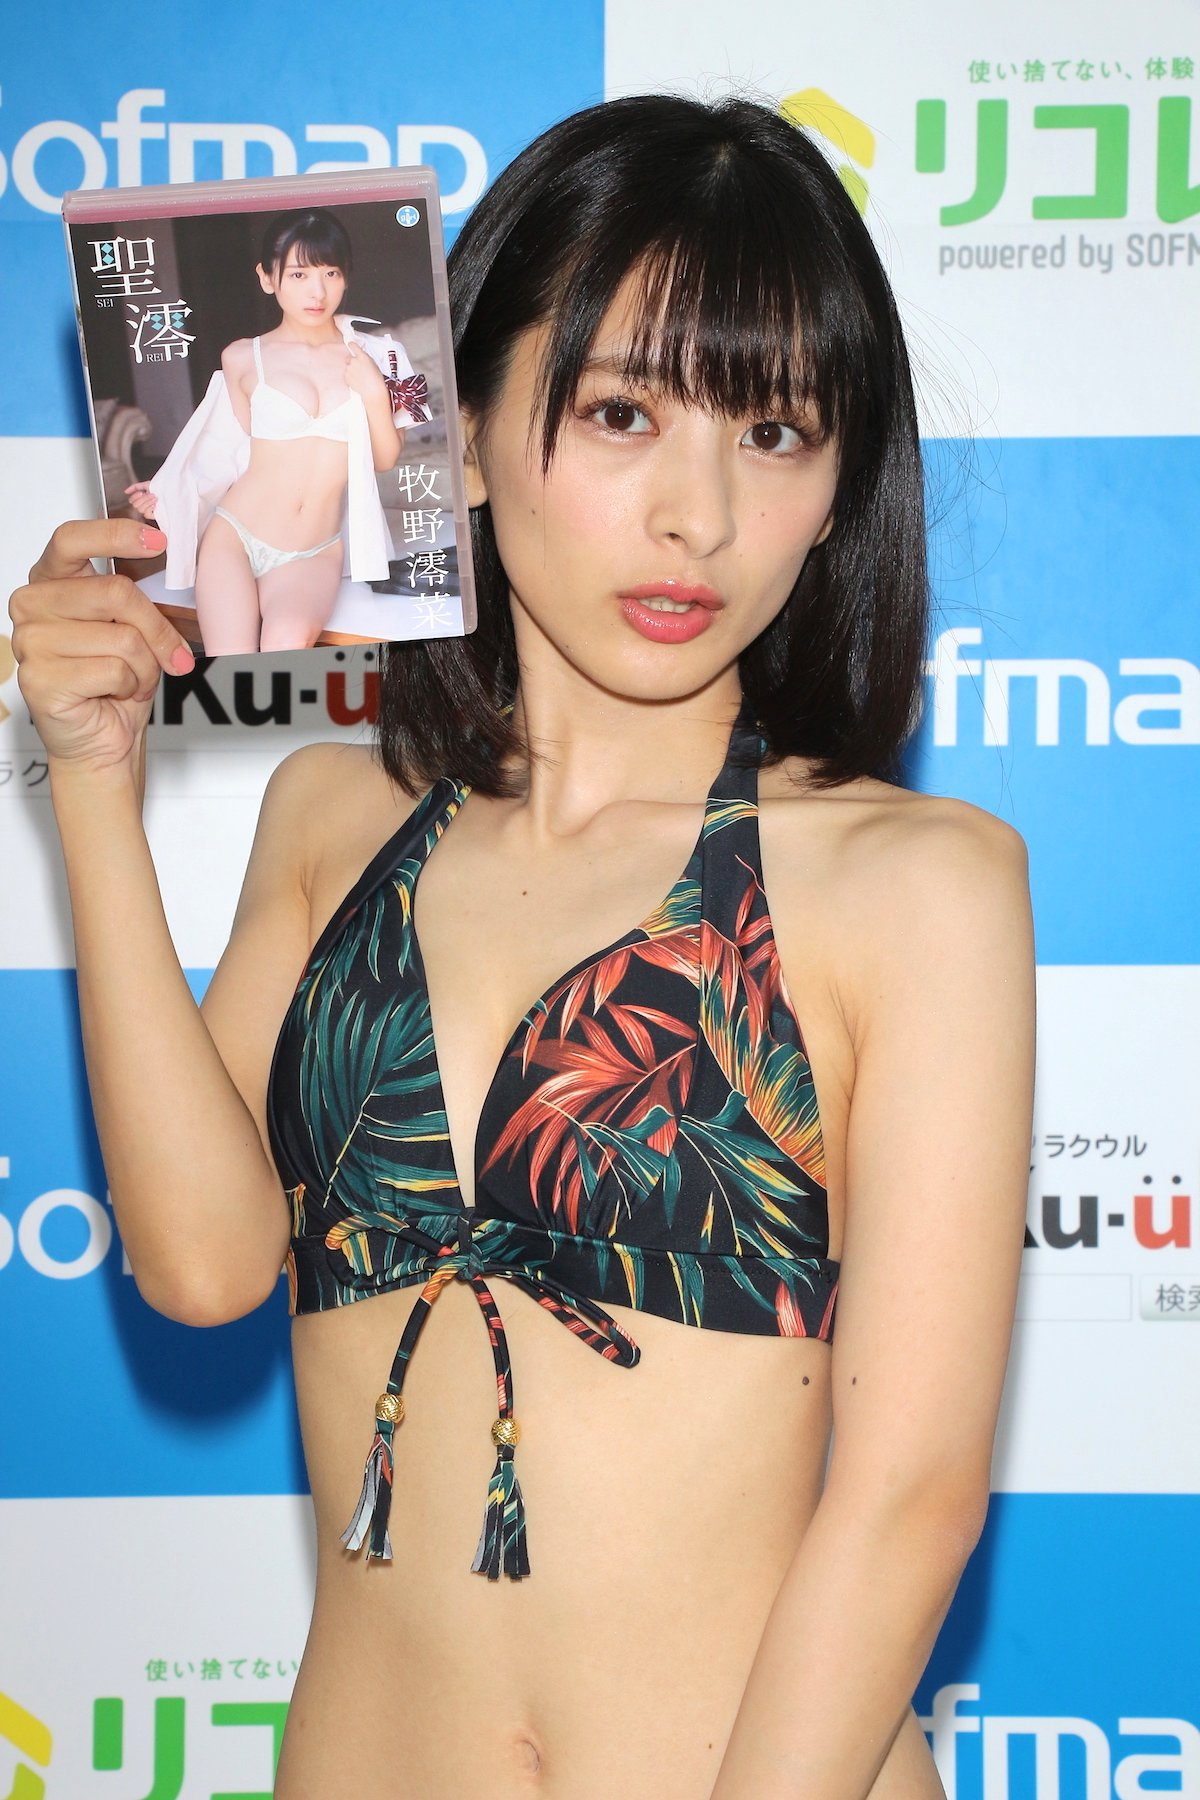 牧野澪菜「144cmのセクシーボディ」スクール水着でやらかしちゃった【画像61枚】の画像049